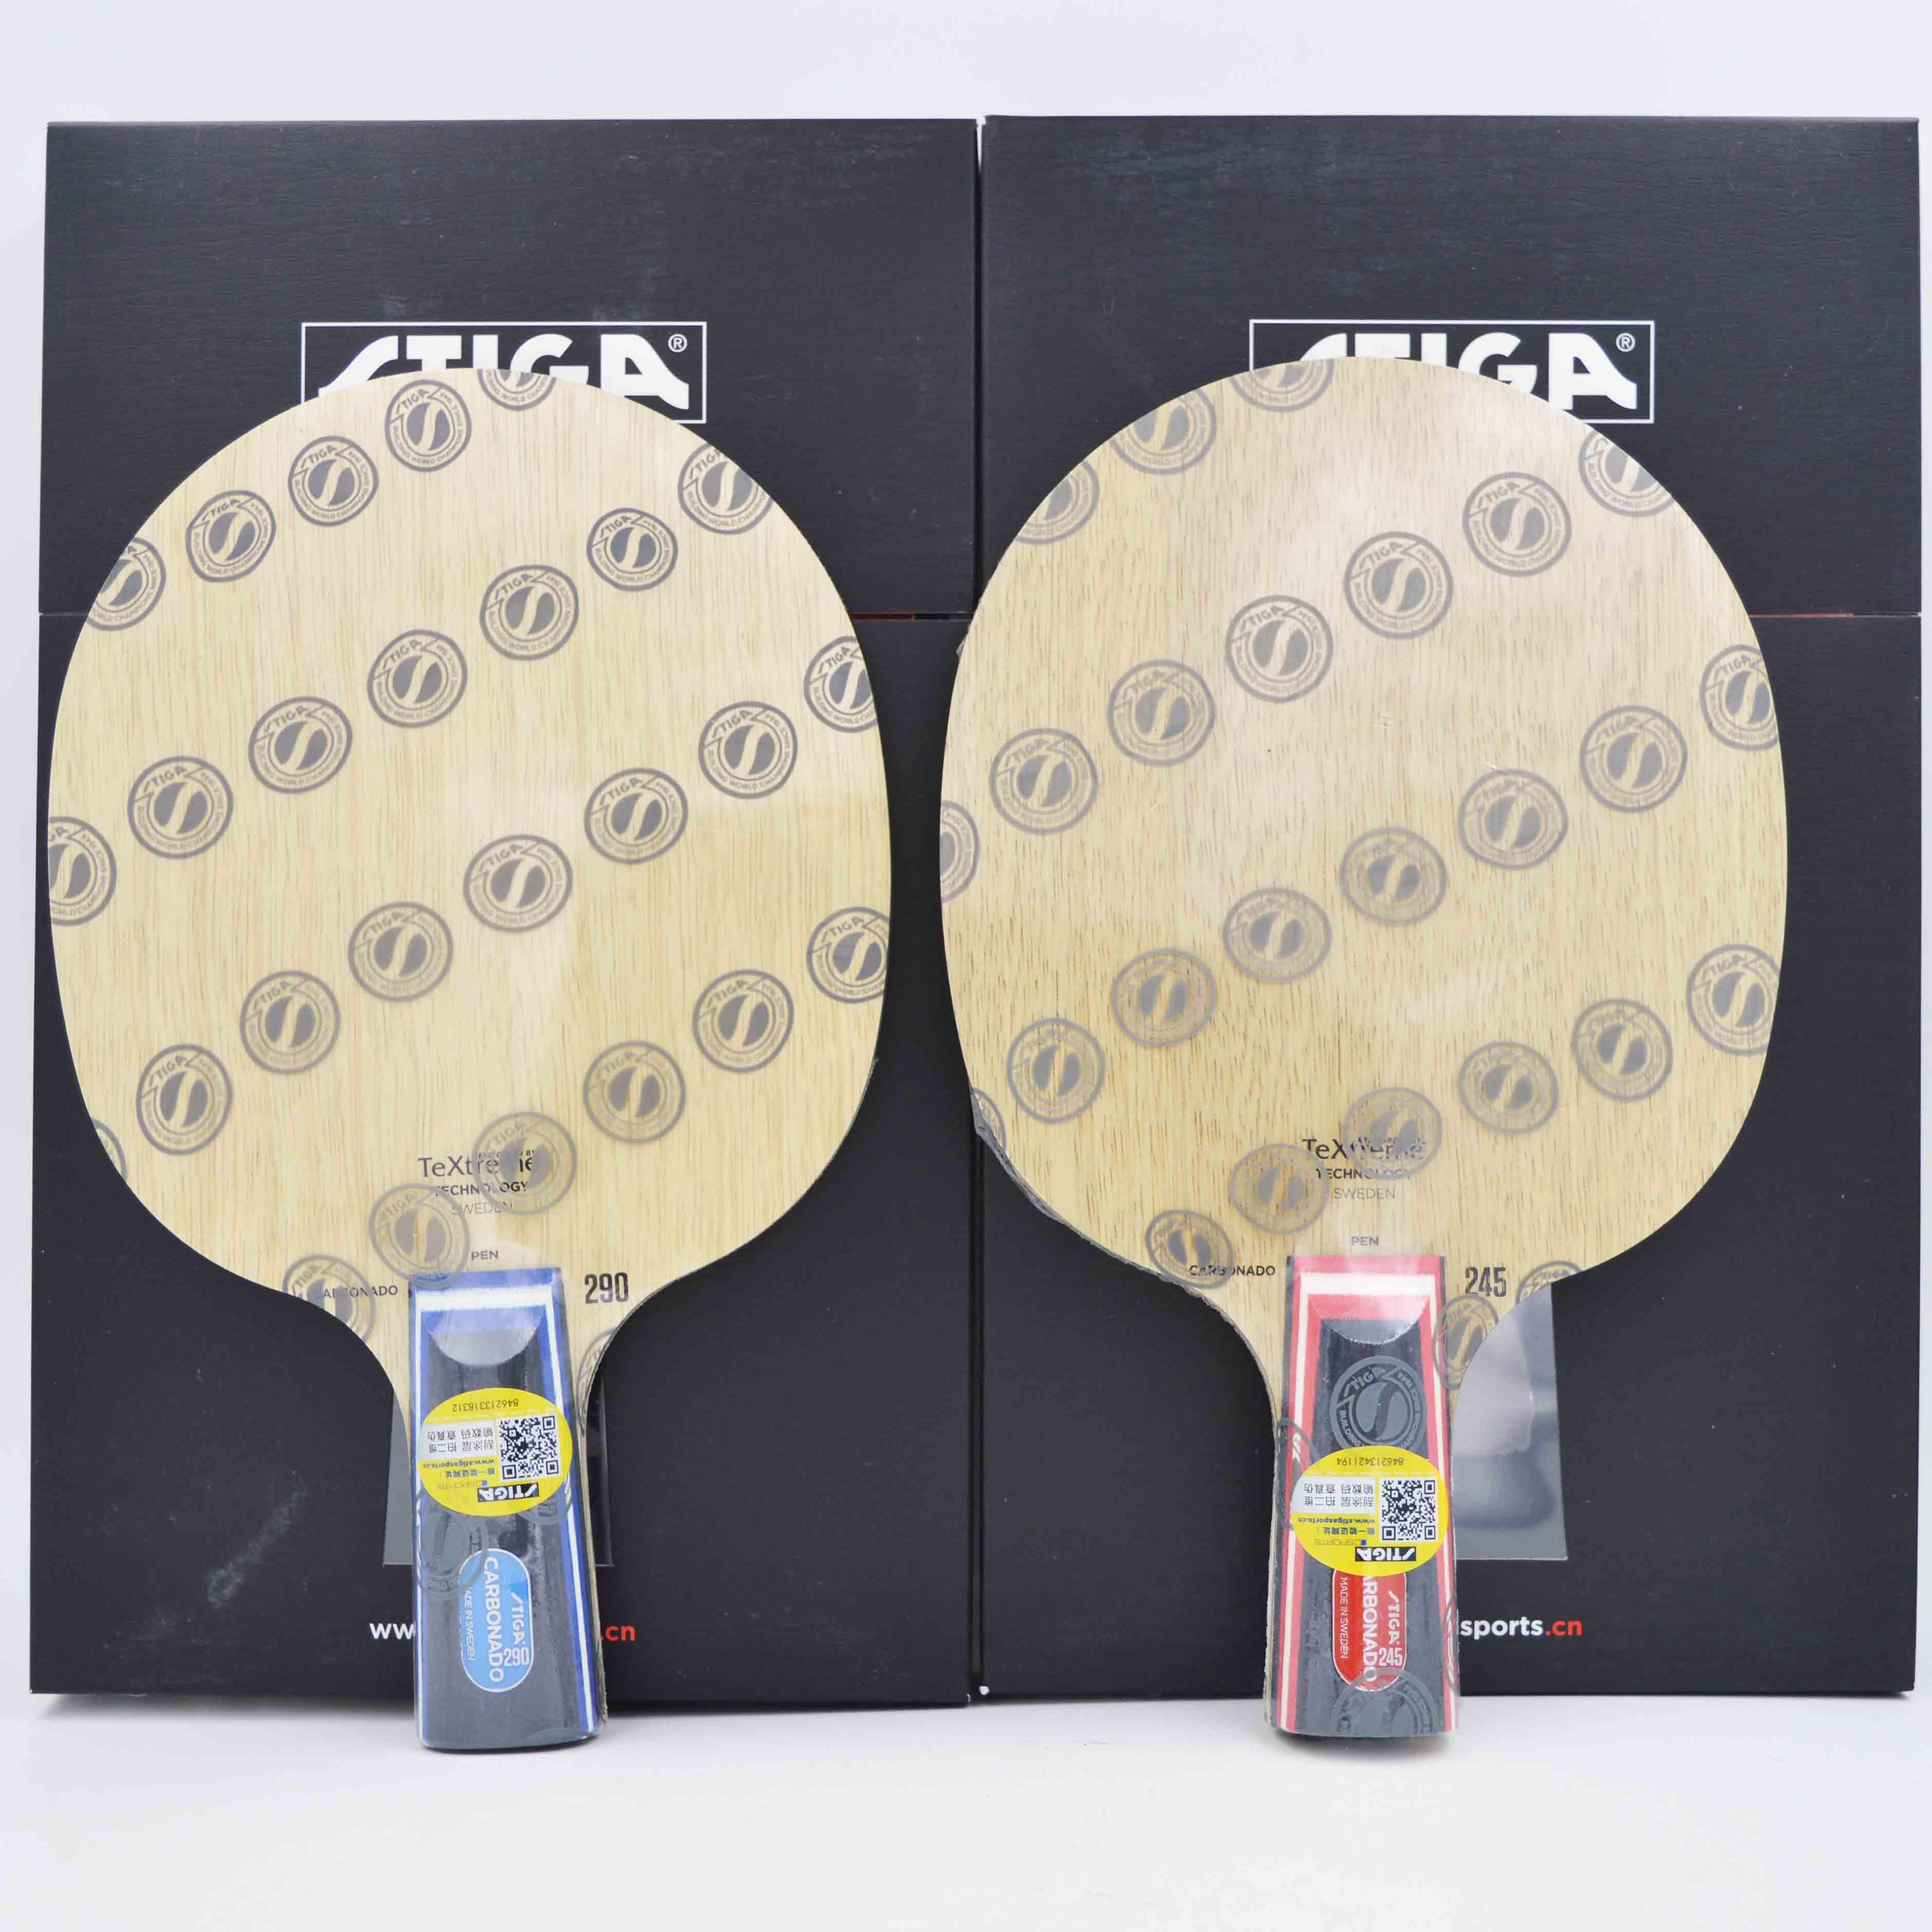 「あ海卓球」STIGAヘイスティーカードCARBONADO炭素290 / 245卓球ラケット基板